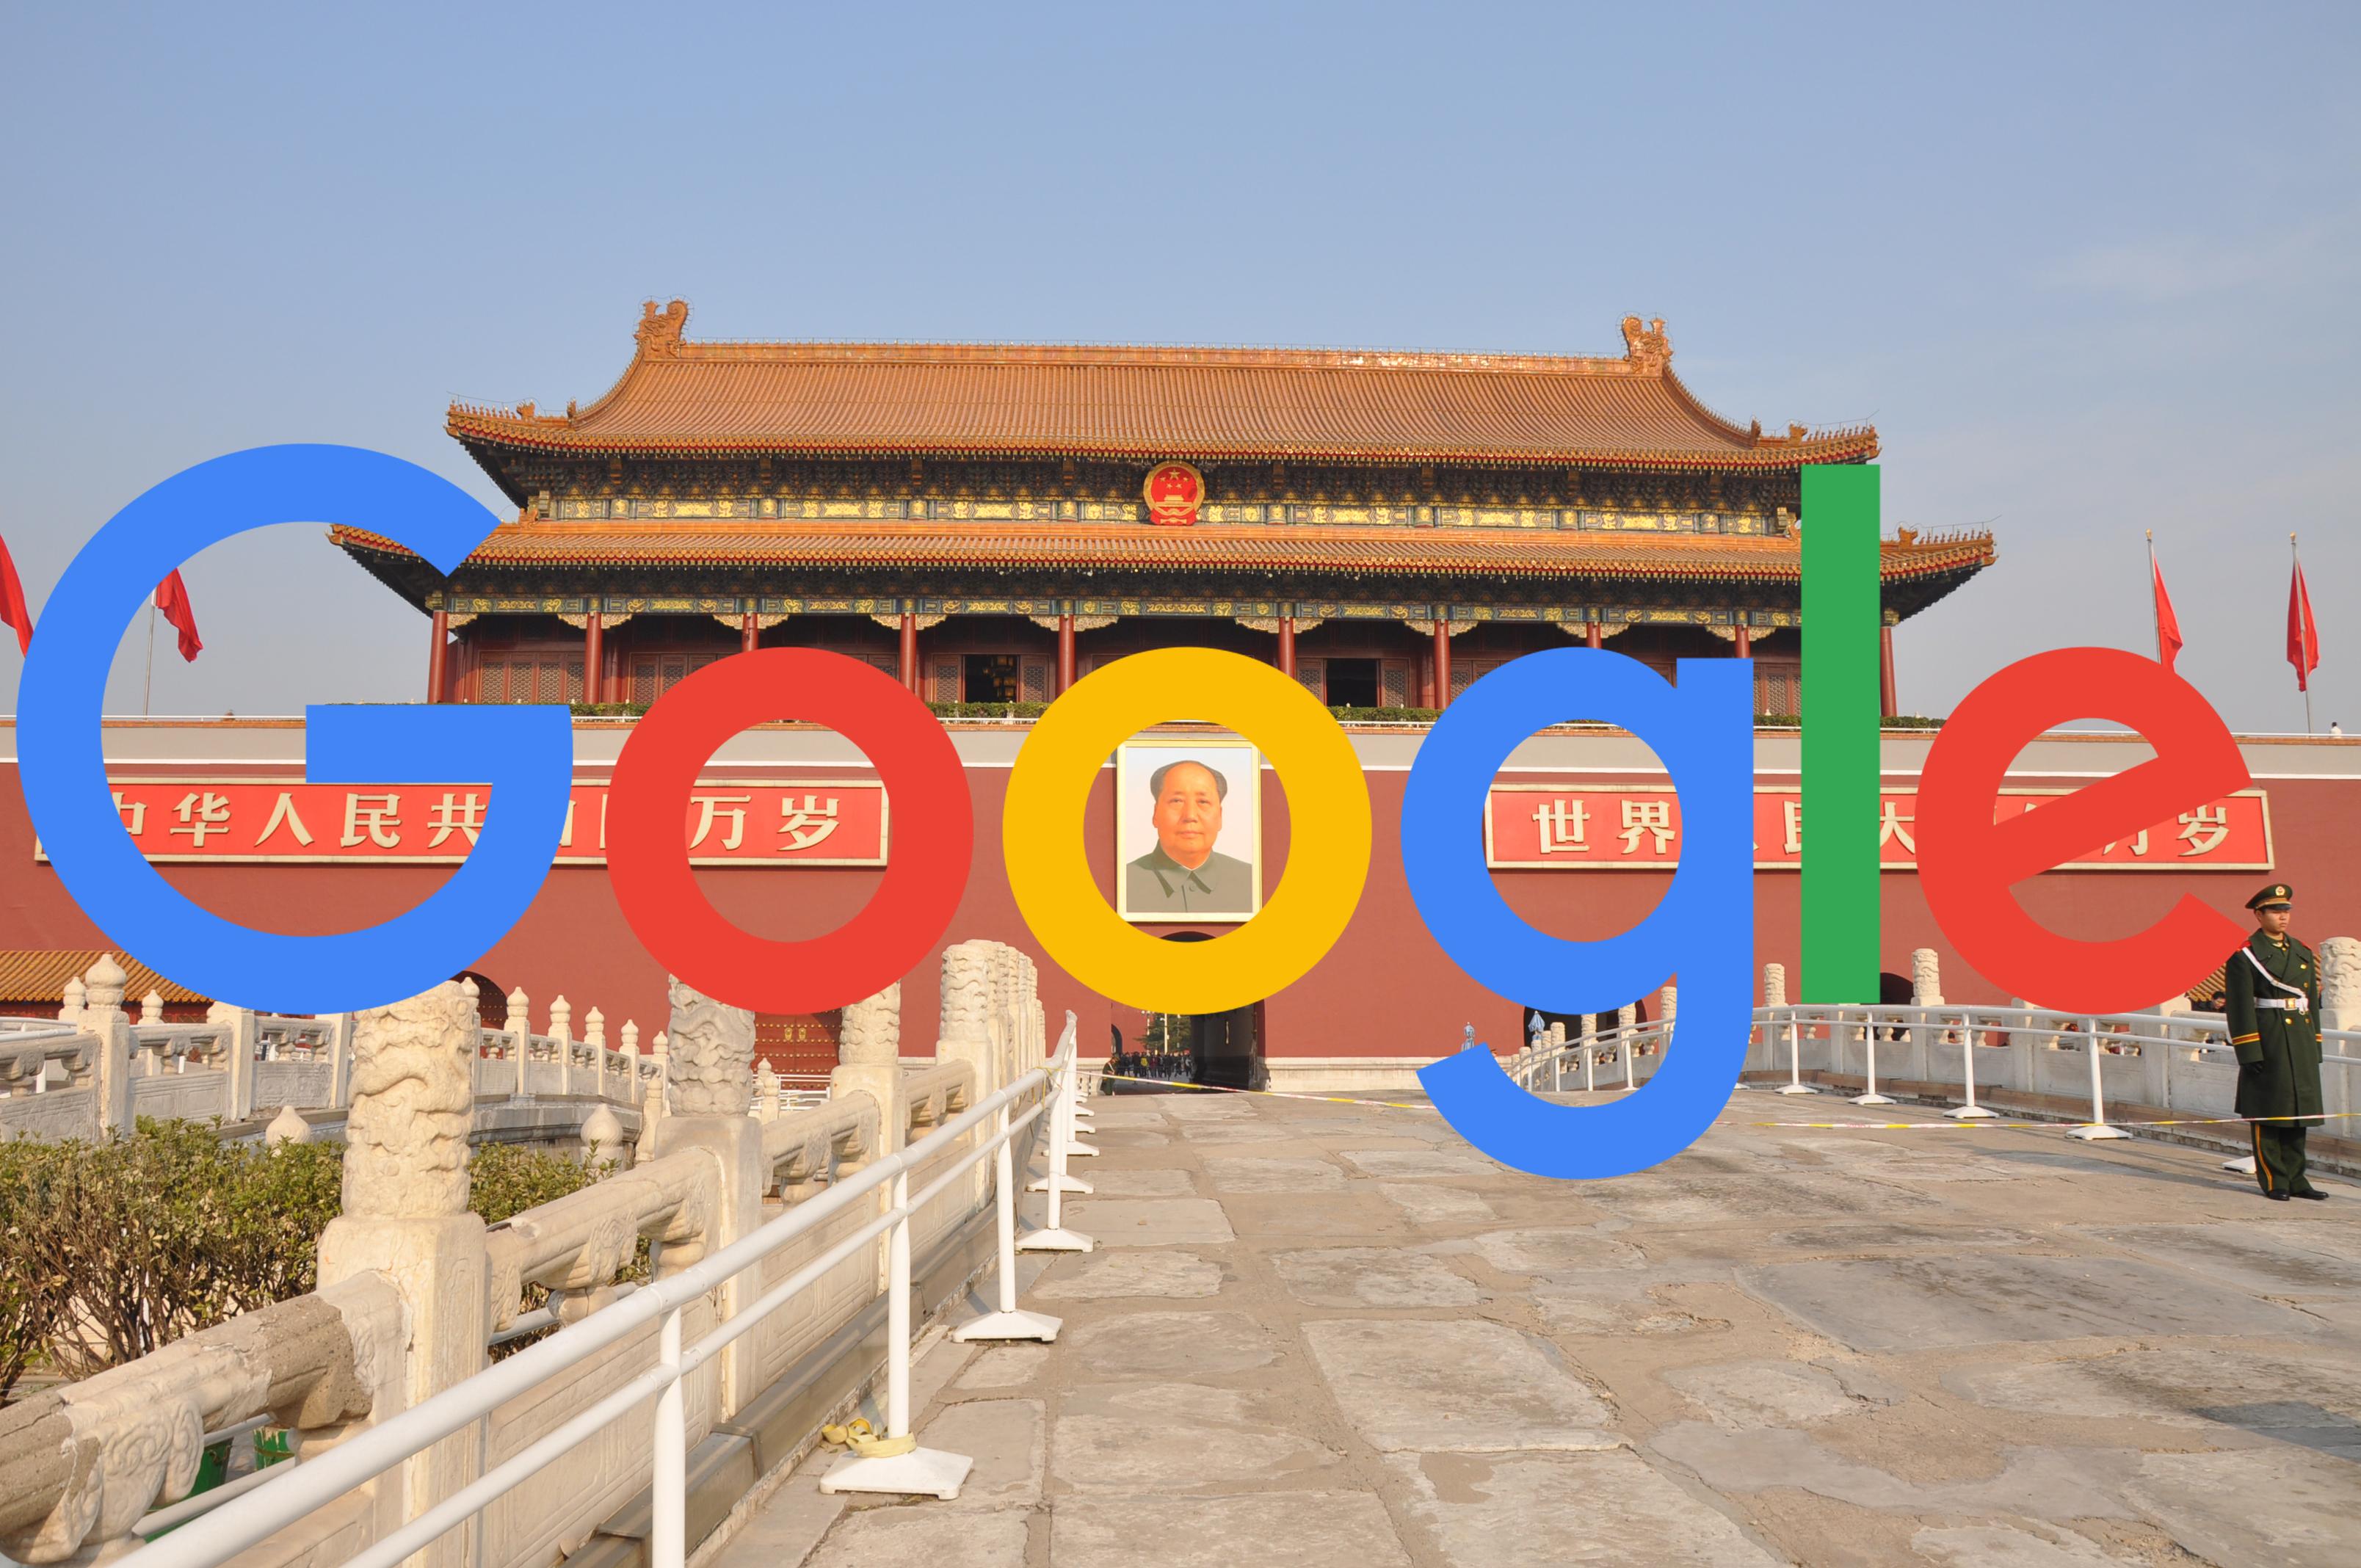 Google en Chine : le moteur de recherche collaborerait avec le régime pour ficher les dissidents